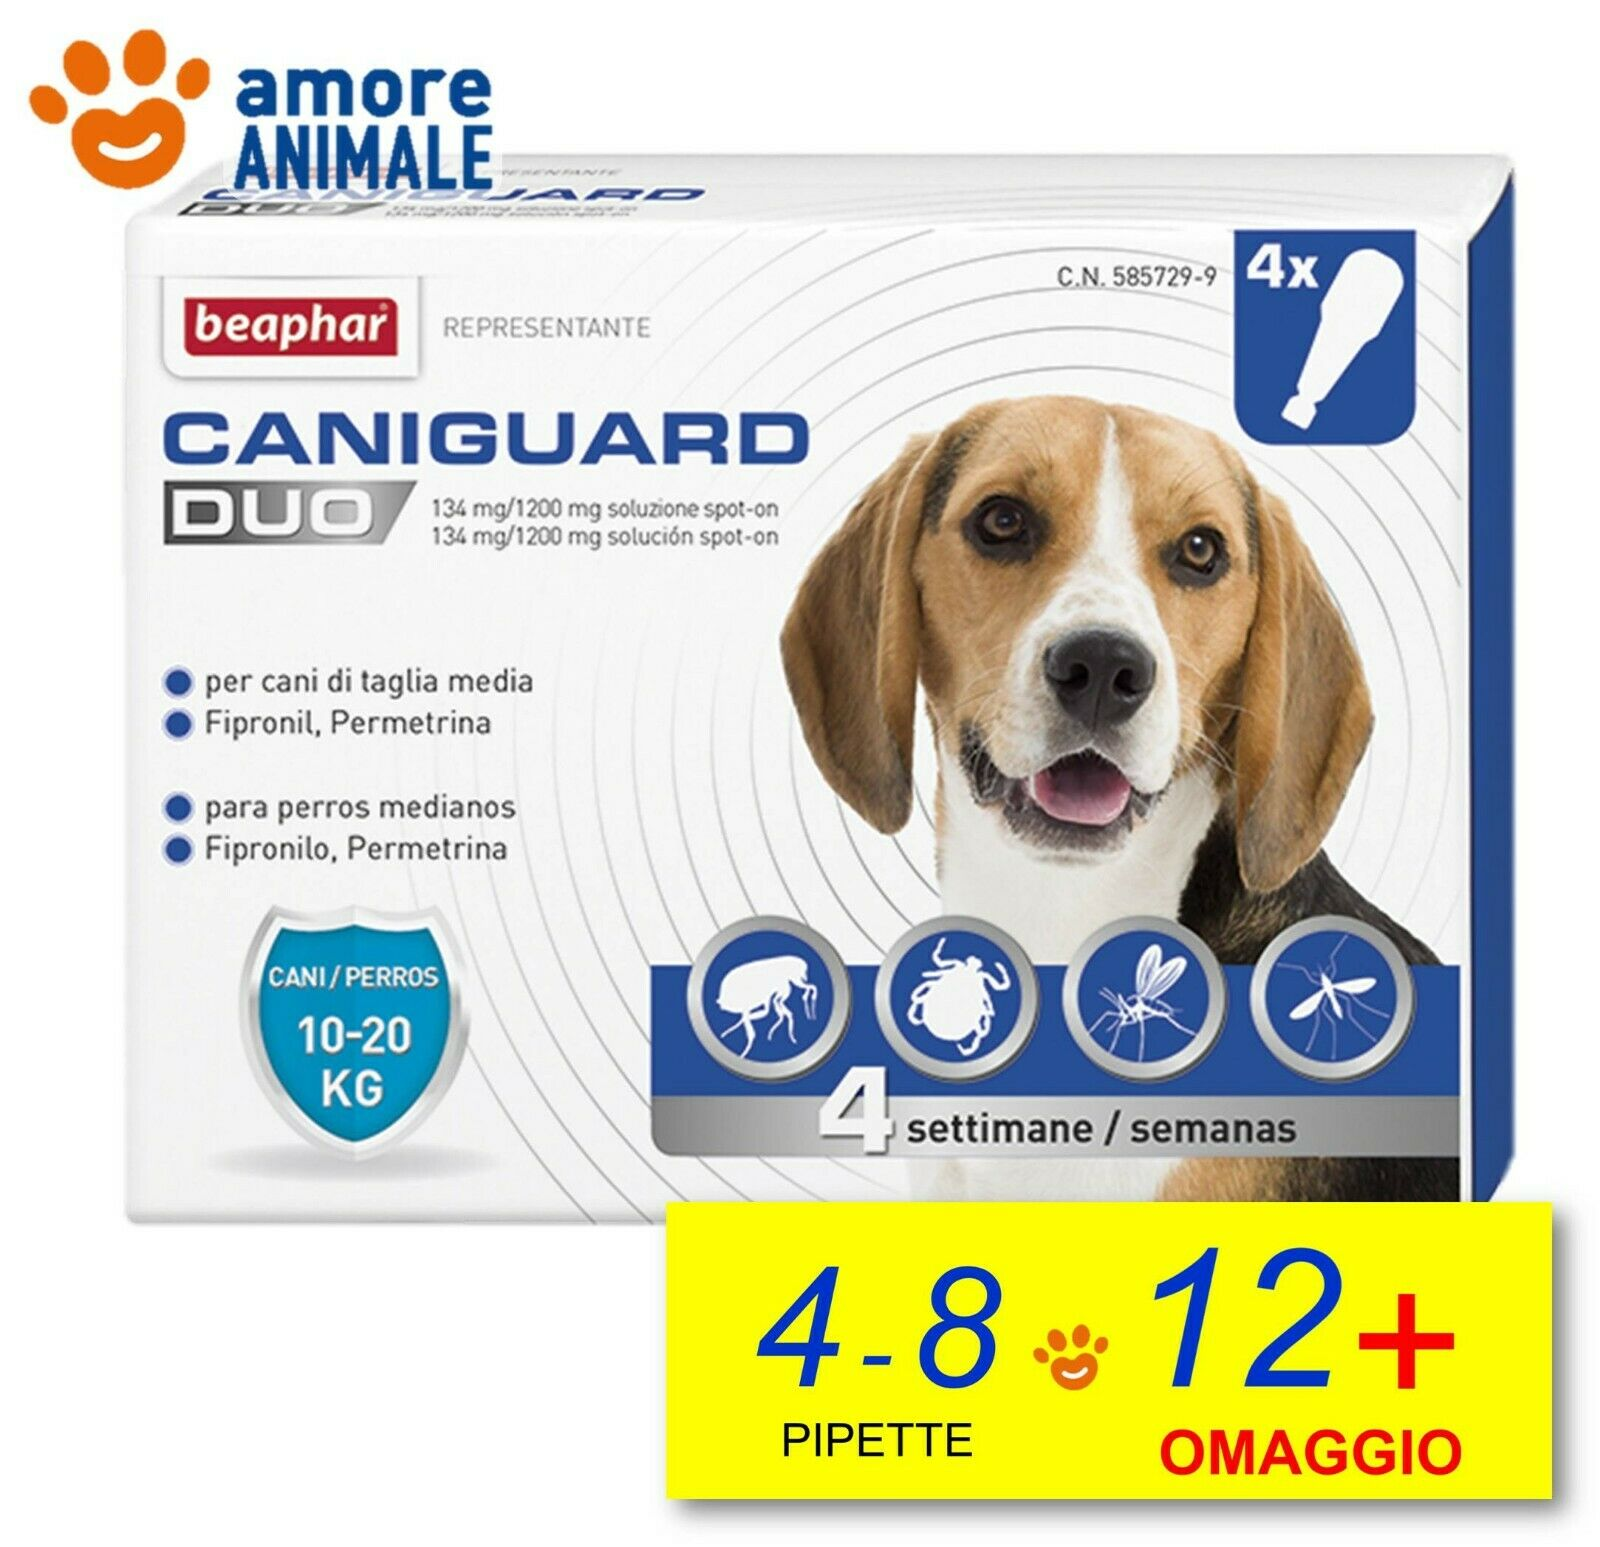 Beaphar Caniguard Duo  4 pipette cani 1020 kg   M   Antiparassitario cane